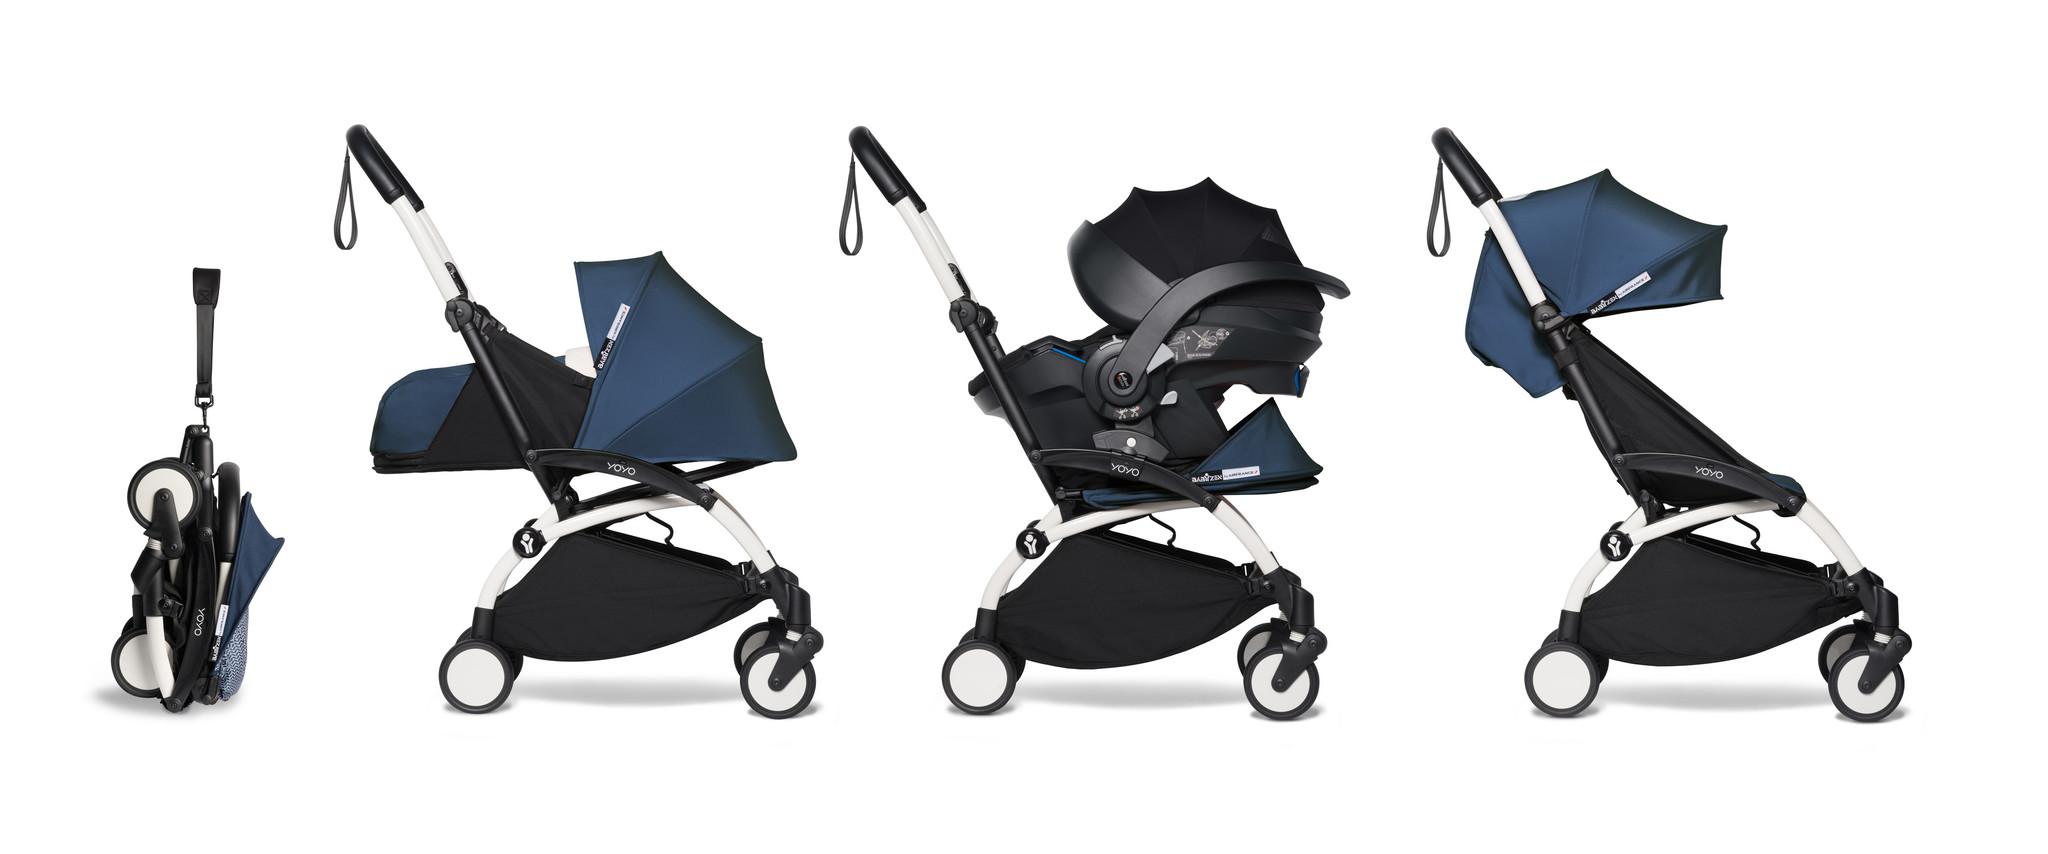 Babyzen Babyzen YOYO² Buggy VOLLSTÄNDIG von Geburt an, einschließlich YOYO² BeSafe Autositz schwarz und YOYO Bag - AirFrance mit Rahmen weiß